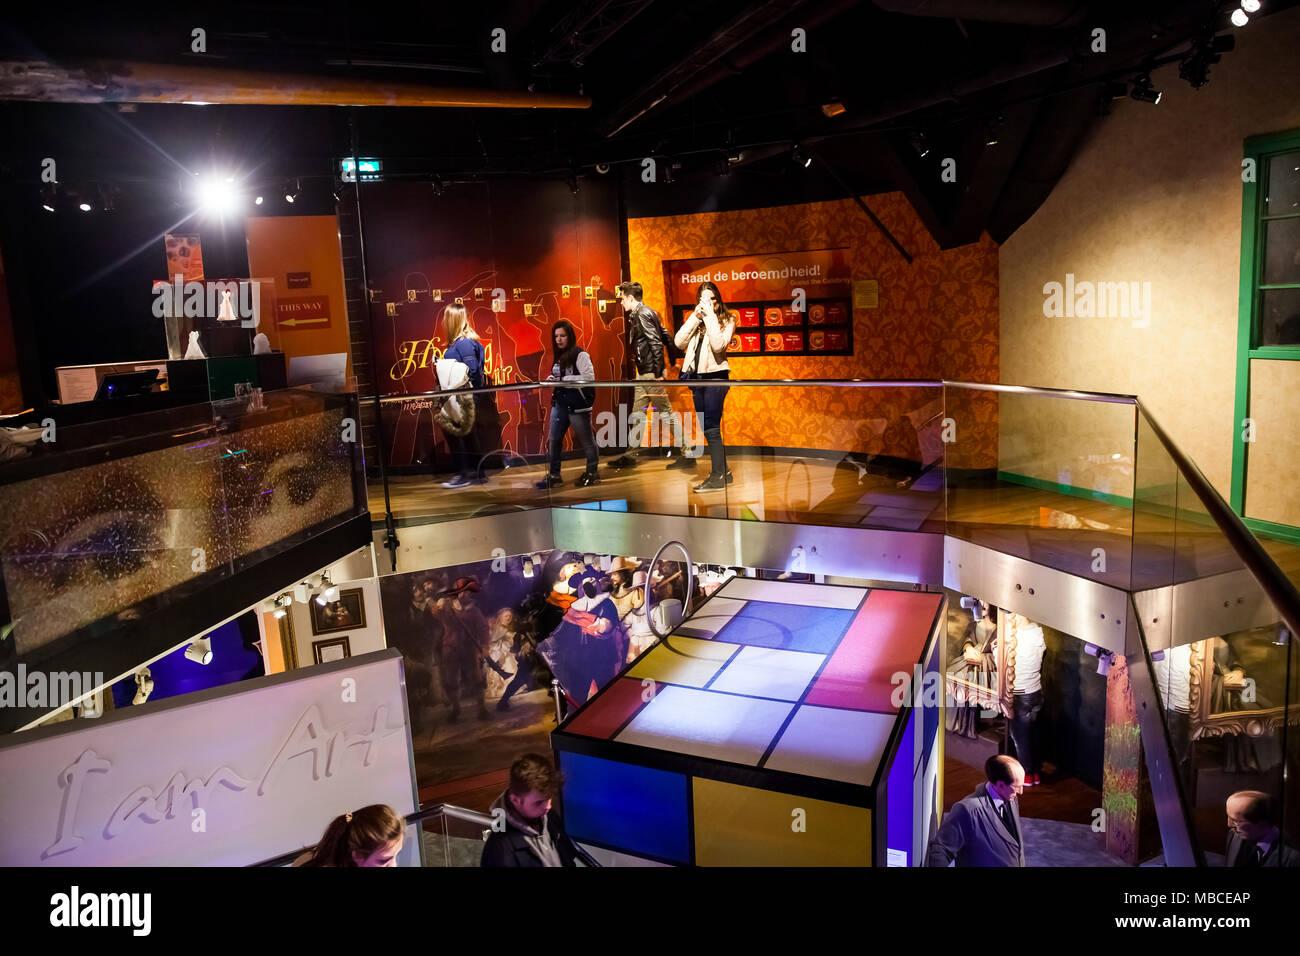 Wax model museum stockfotos wax model museum bilder alamy for Interieur niederlande